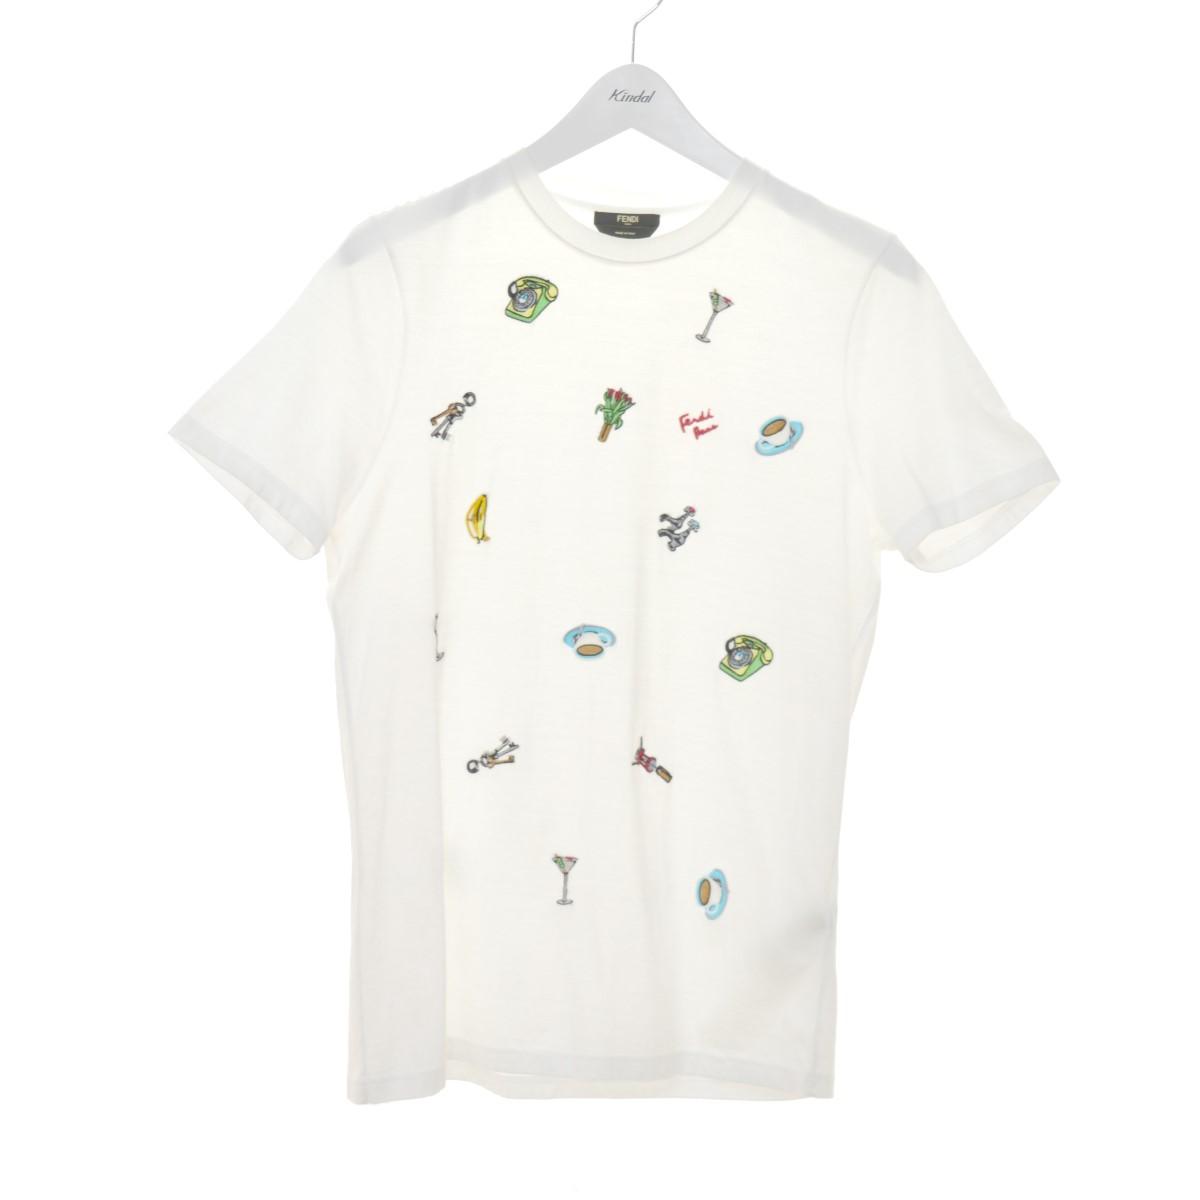 【中古】FENDI マルチワッペン刺繍Tシャツ ホワイト サイズ:44 【040920】(フェンディ)